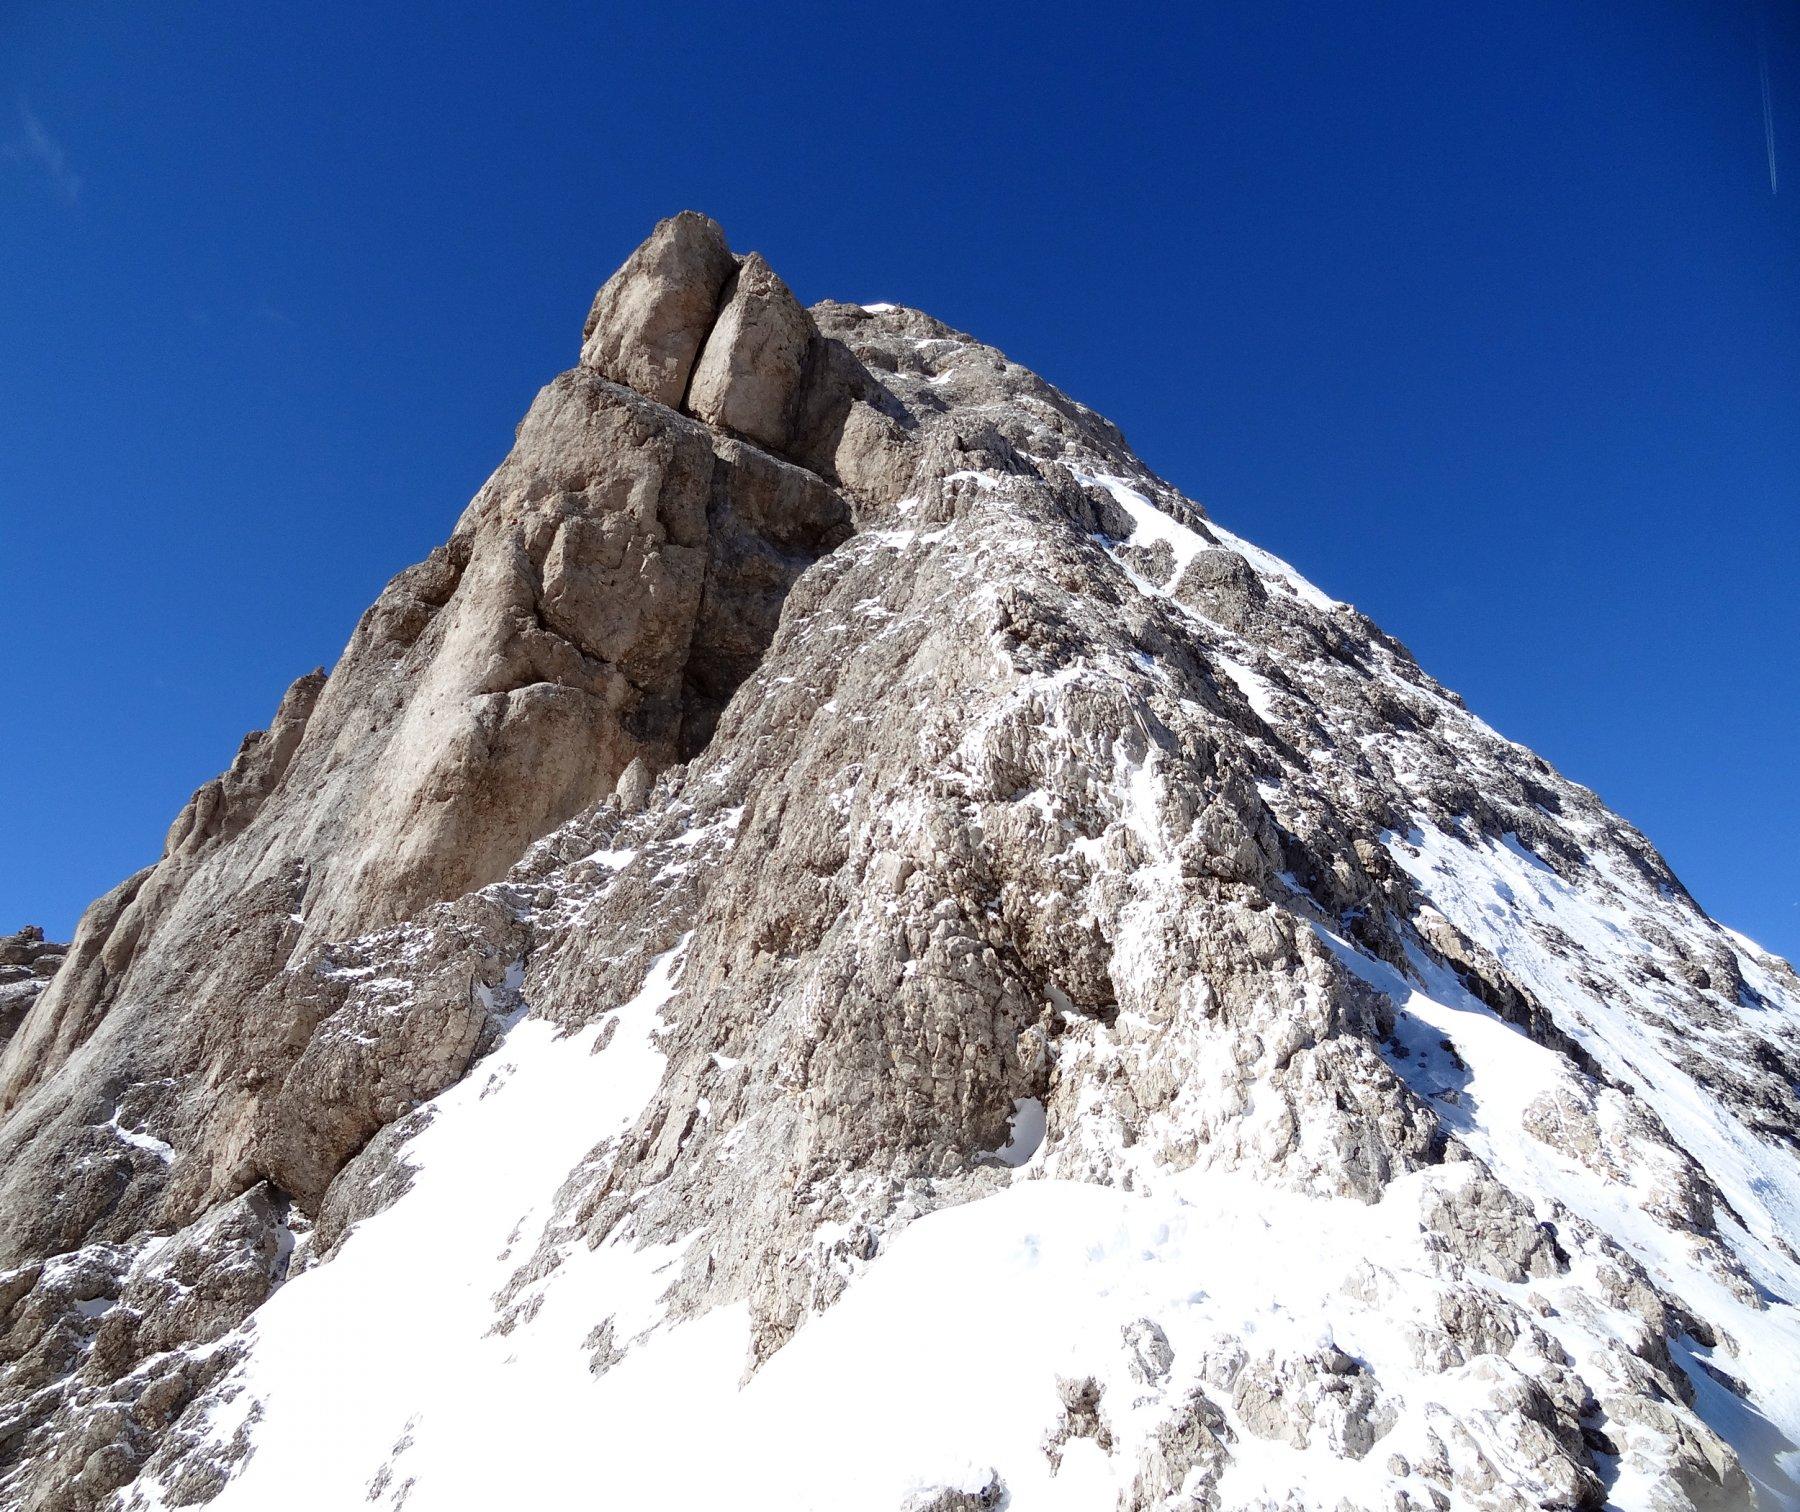 Marmolada, Punta Penia dal Lago Fedaia per la Forcella 3294 m e la Cresta Est 2019-03-05